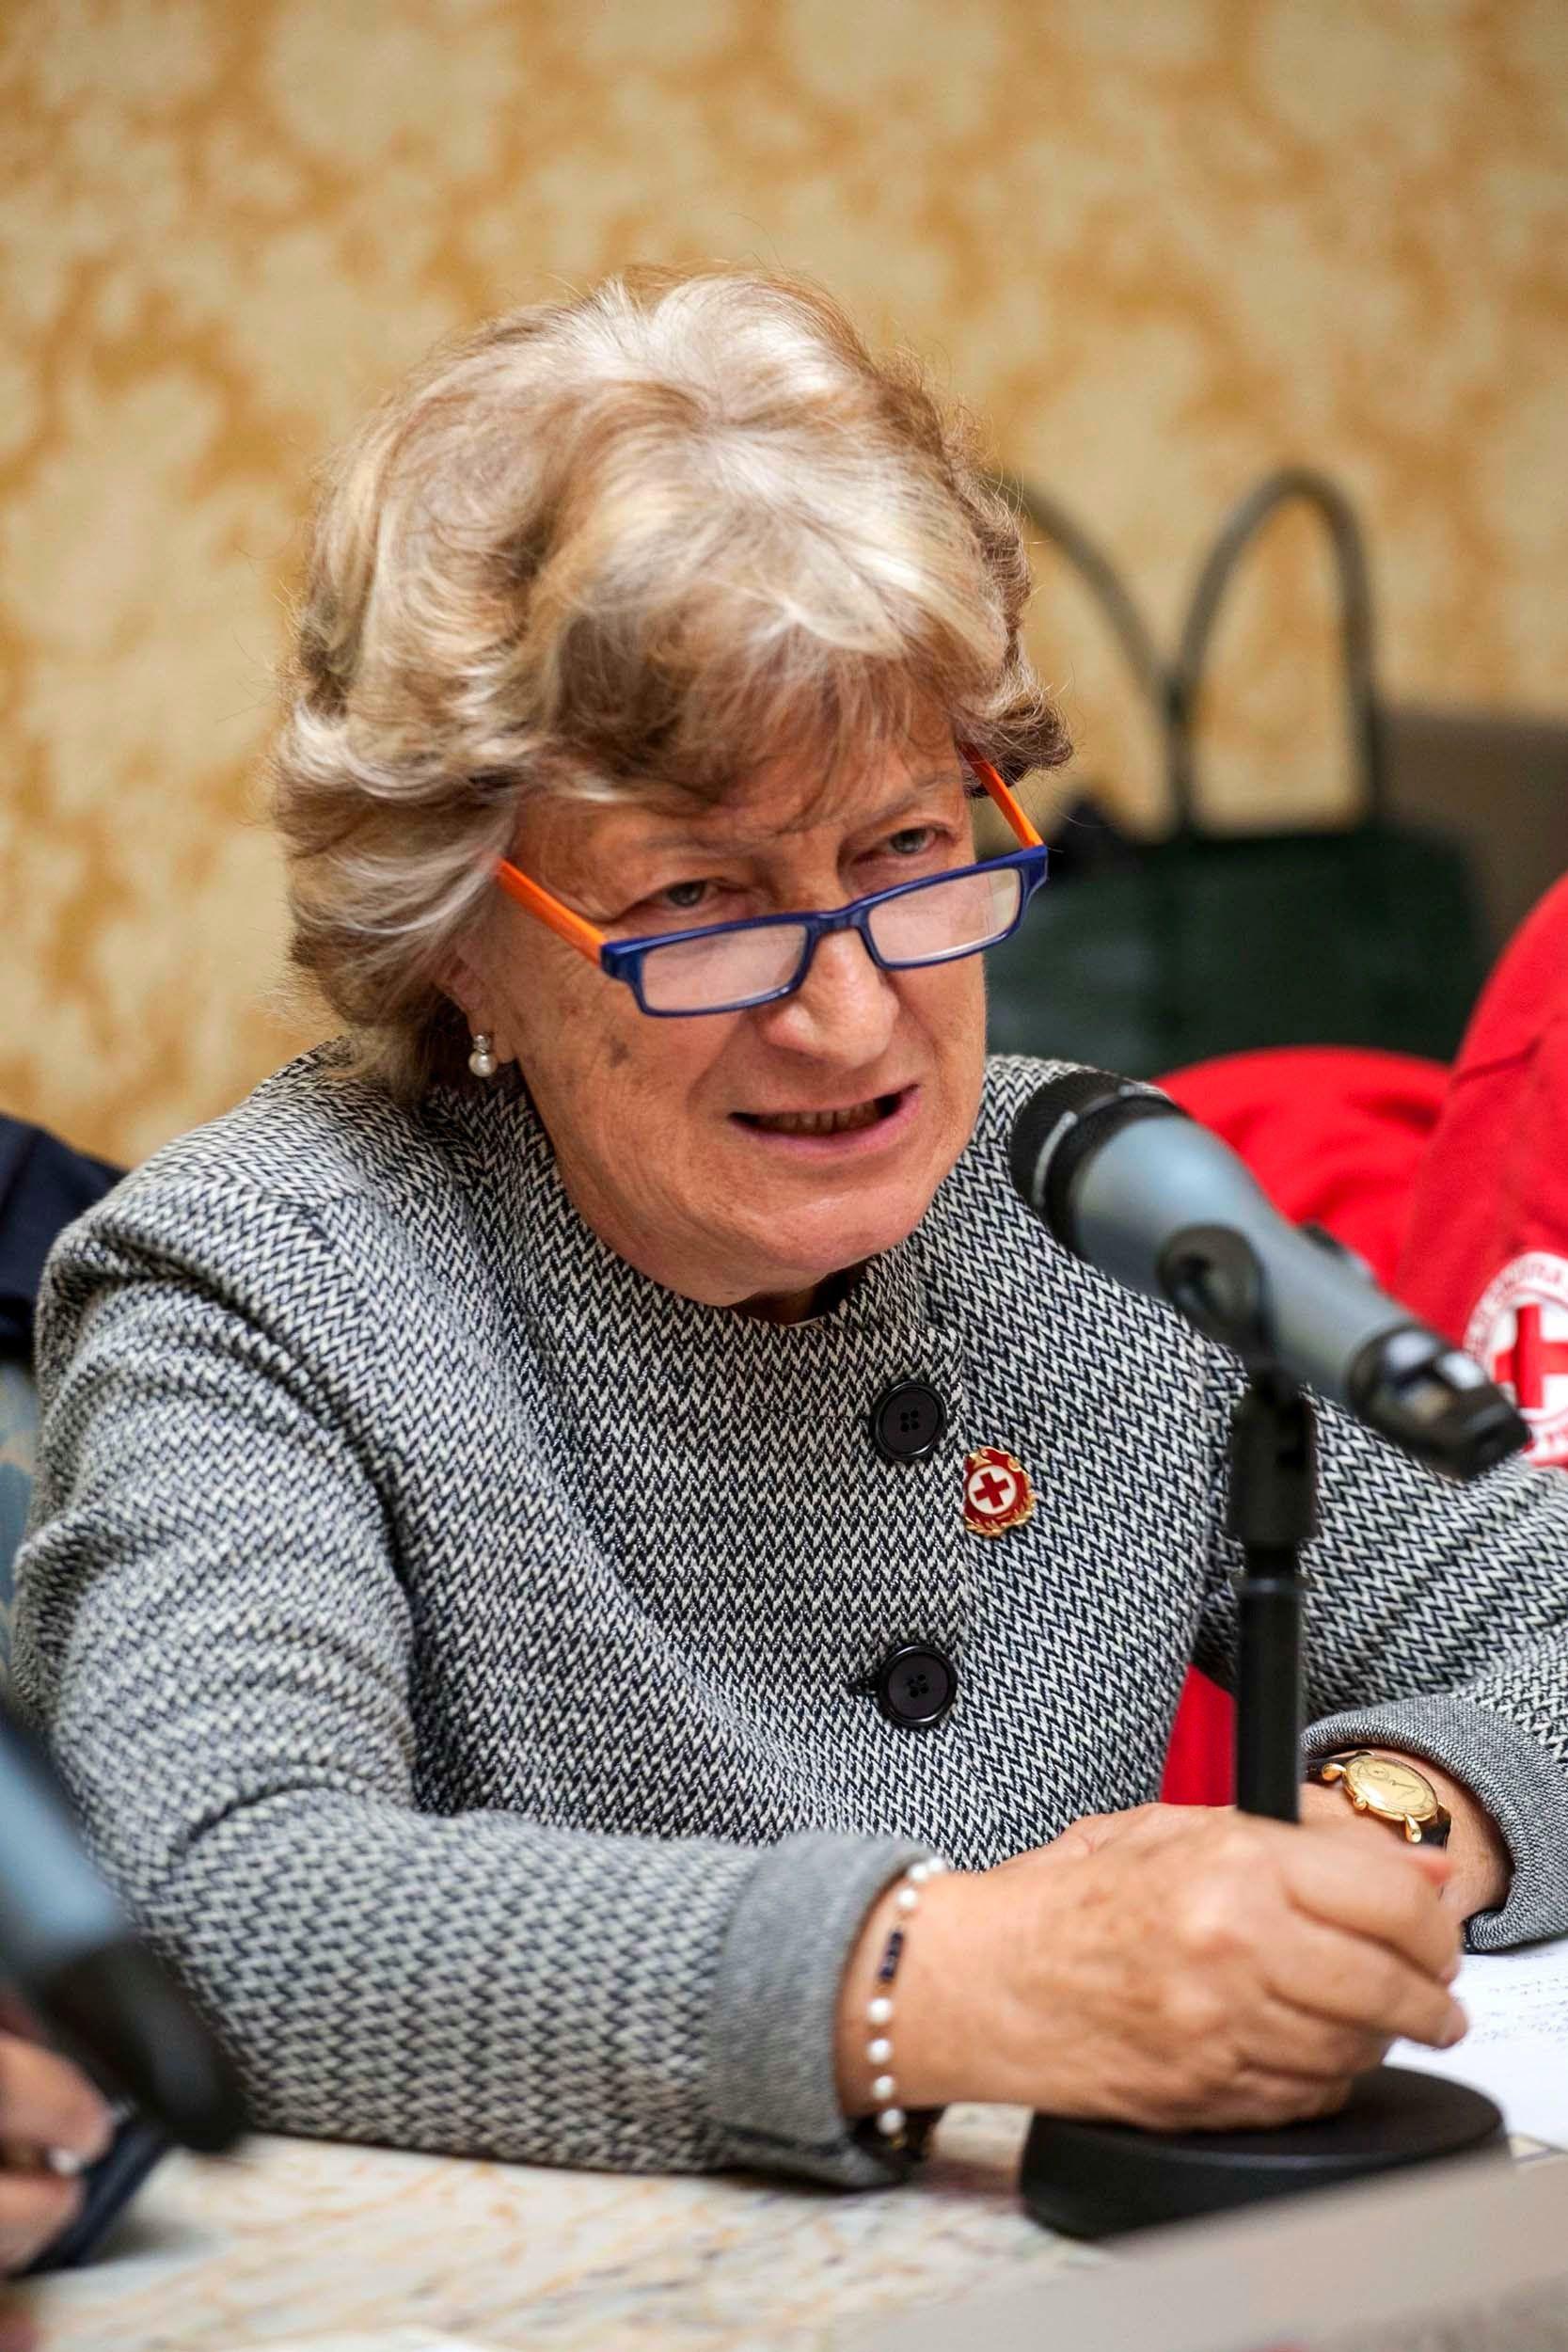 Tavola rotonda sul volontariato. Clotilde Goria, delegata nazionale per l'area sociale, parla delle due emergenze di oggi: l'immigrazione e i nuovi poveri